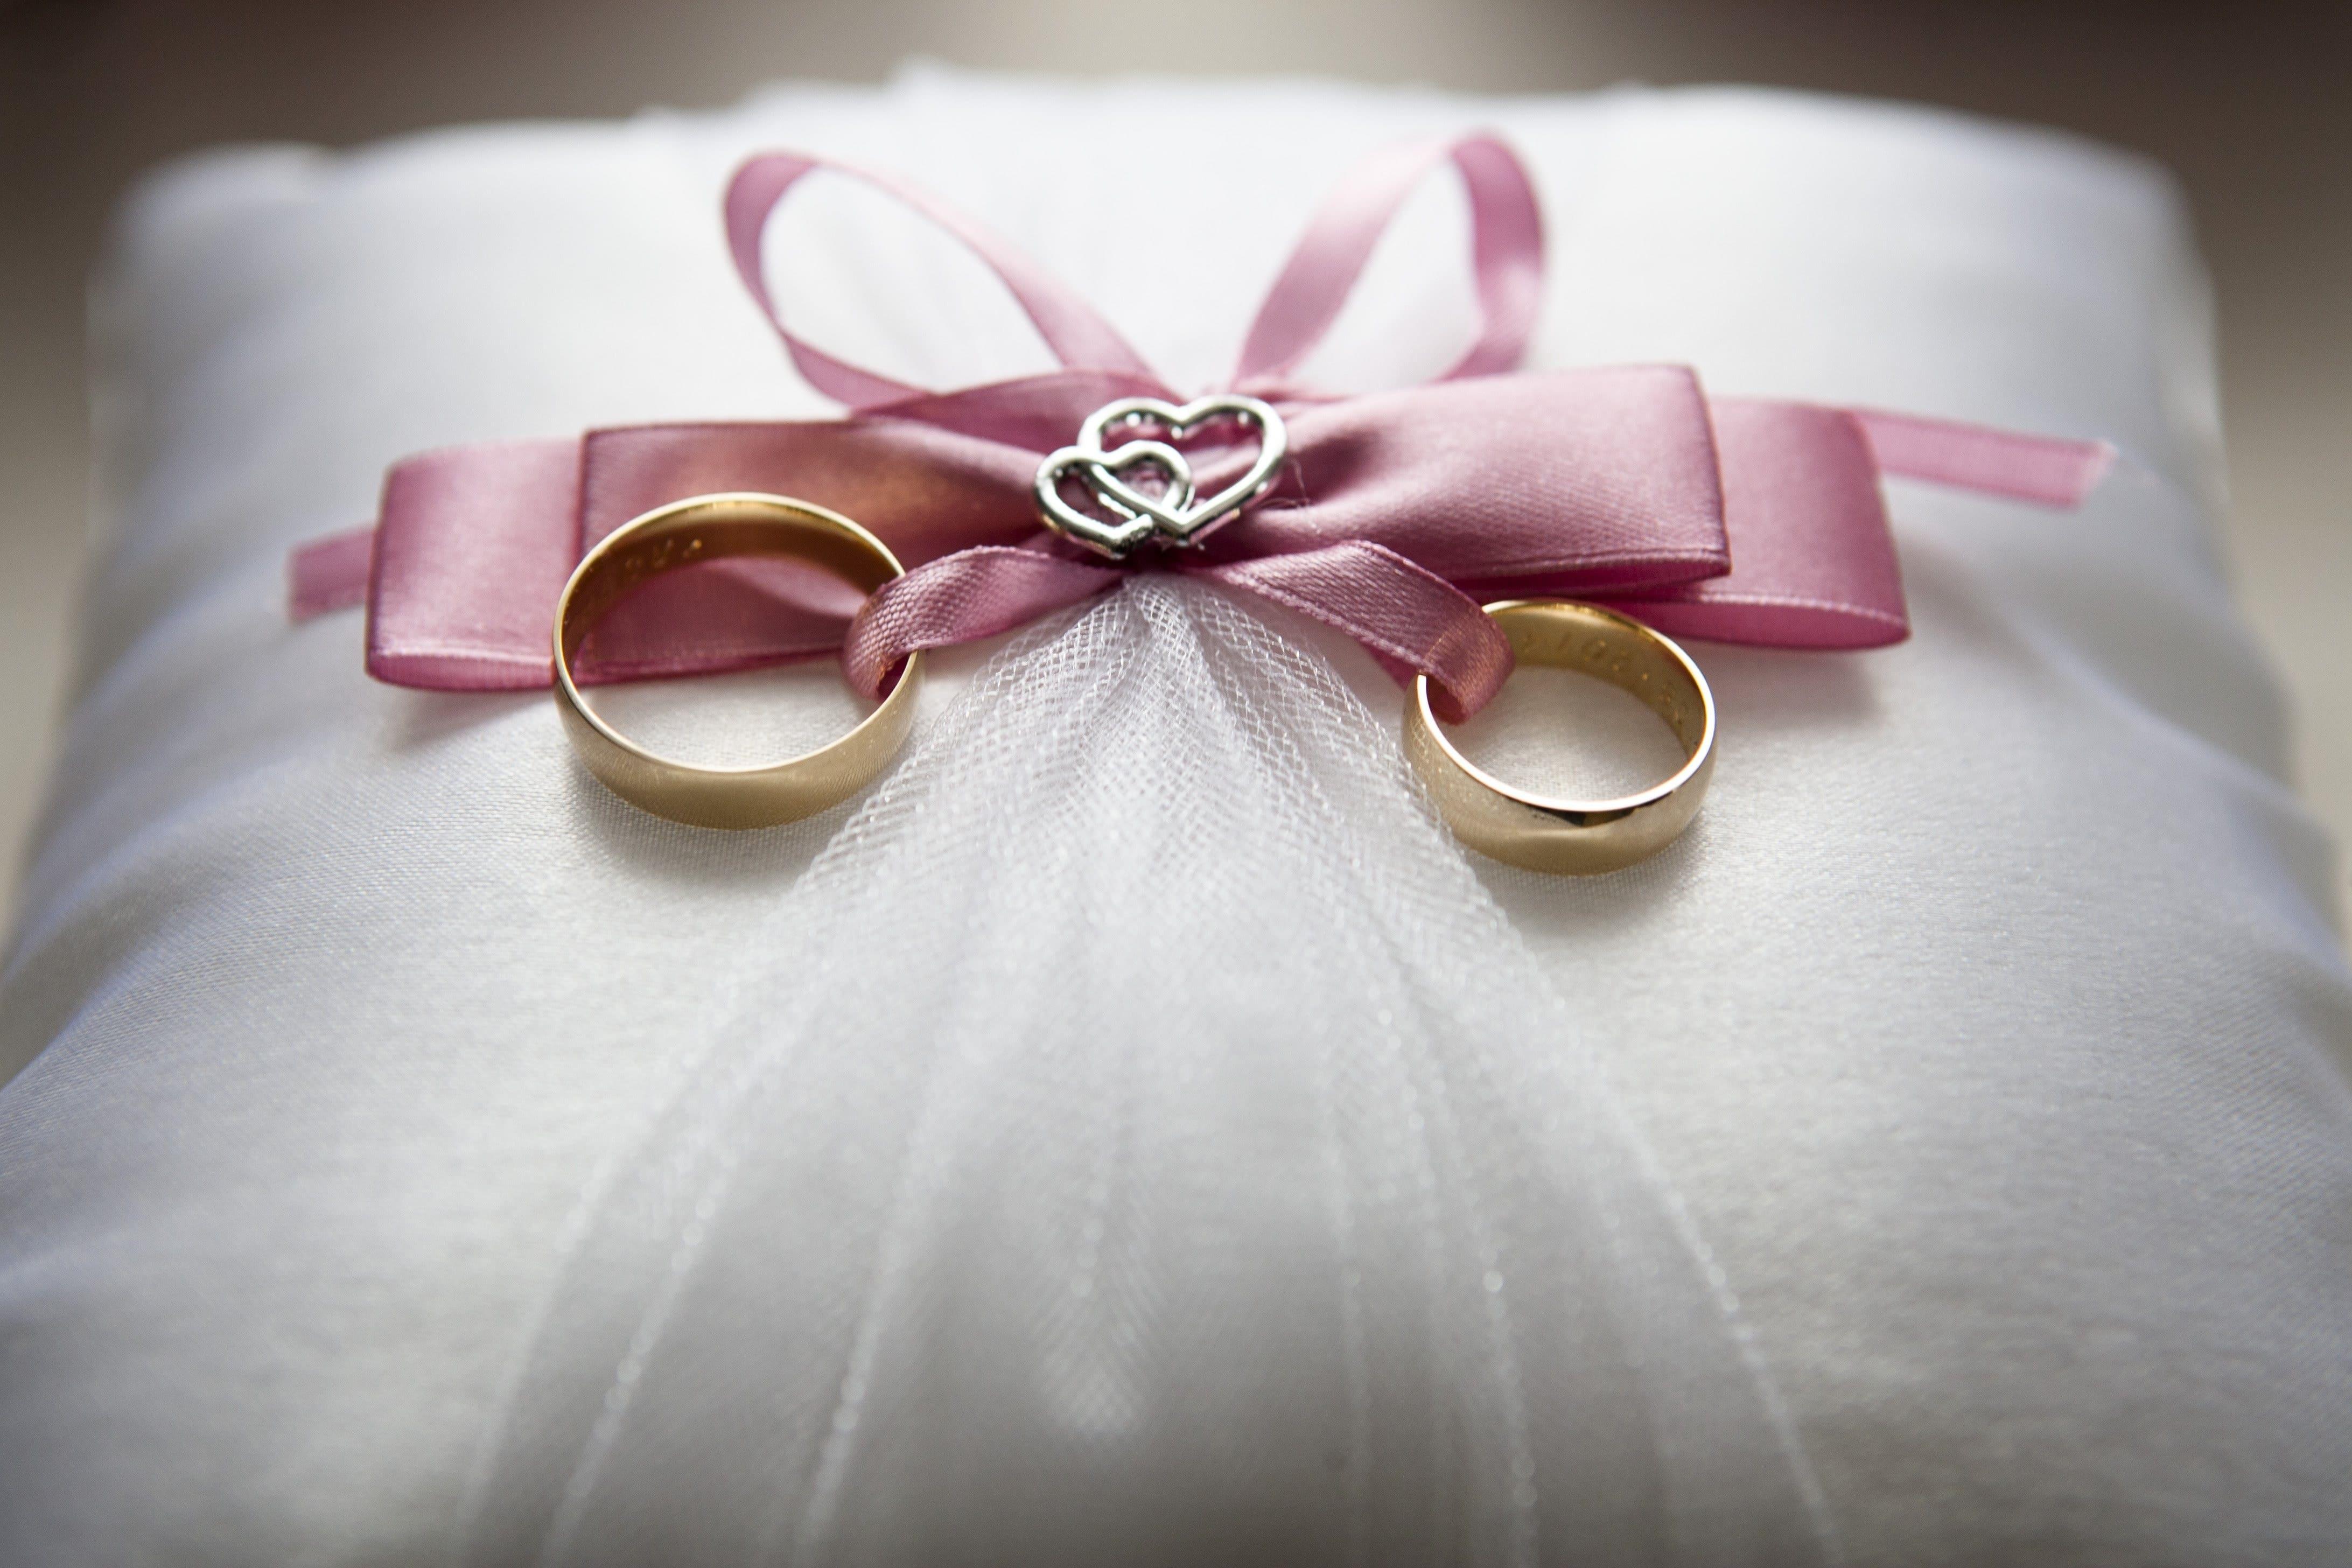 結婚と真剣に向き合っているか